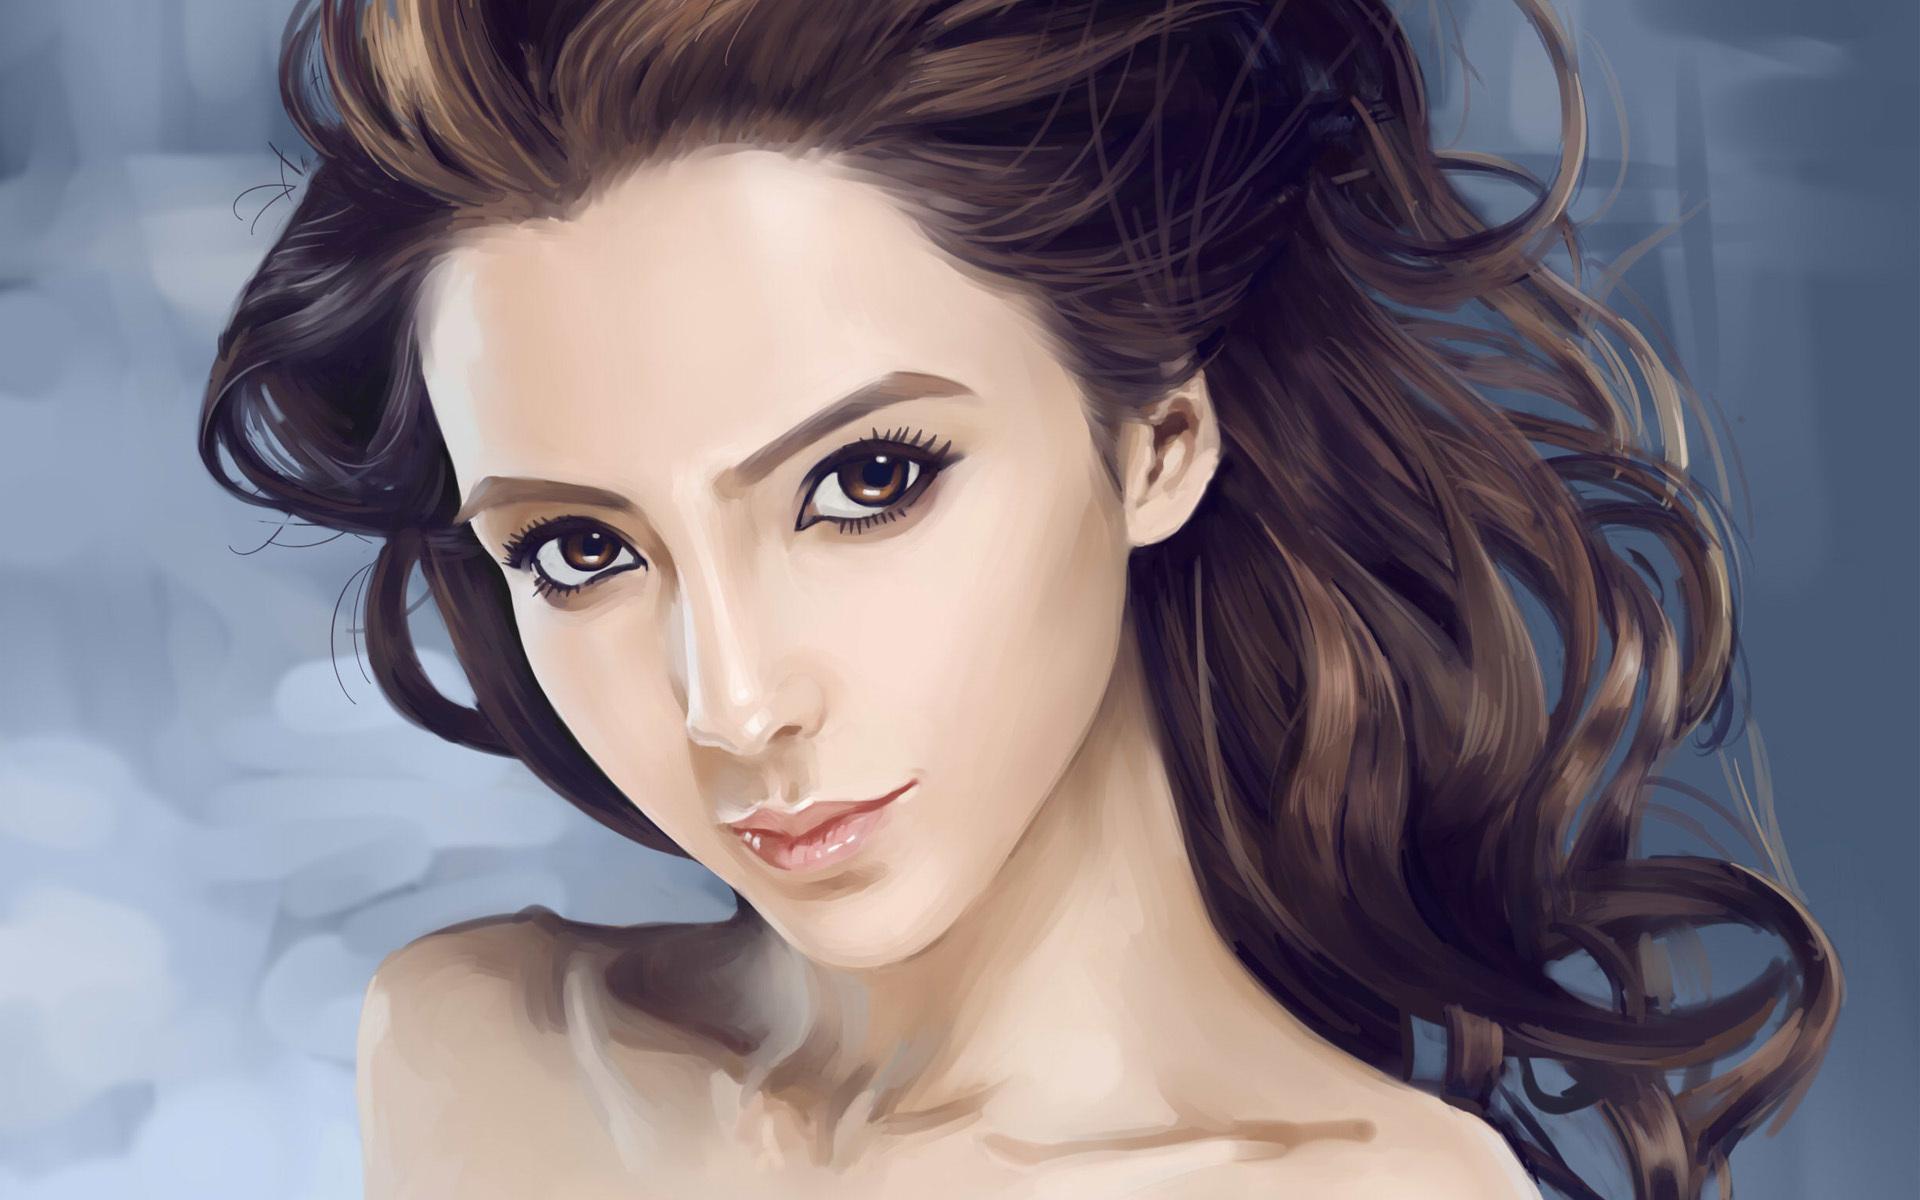 Картинки с девушками брюнетками нарисованными, прикольные картинки